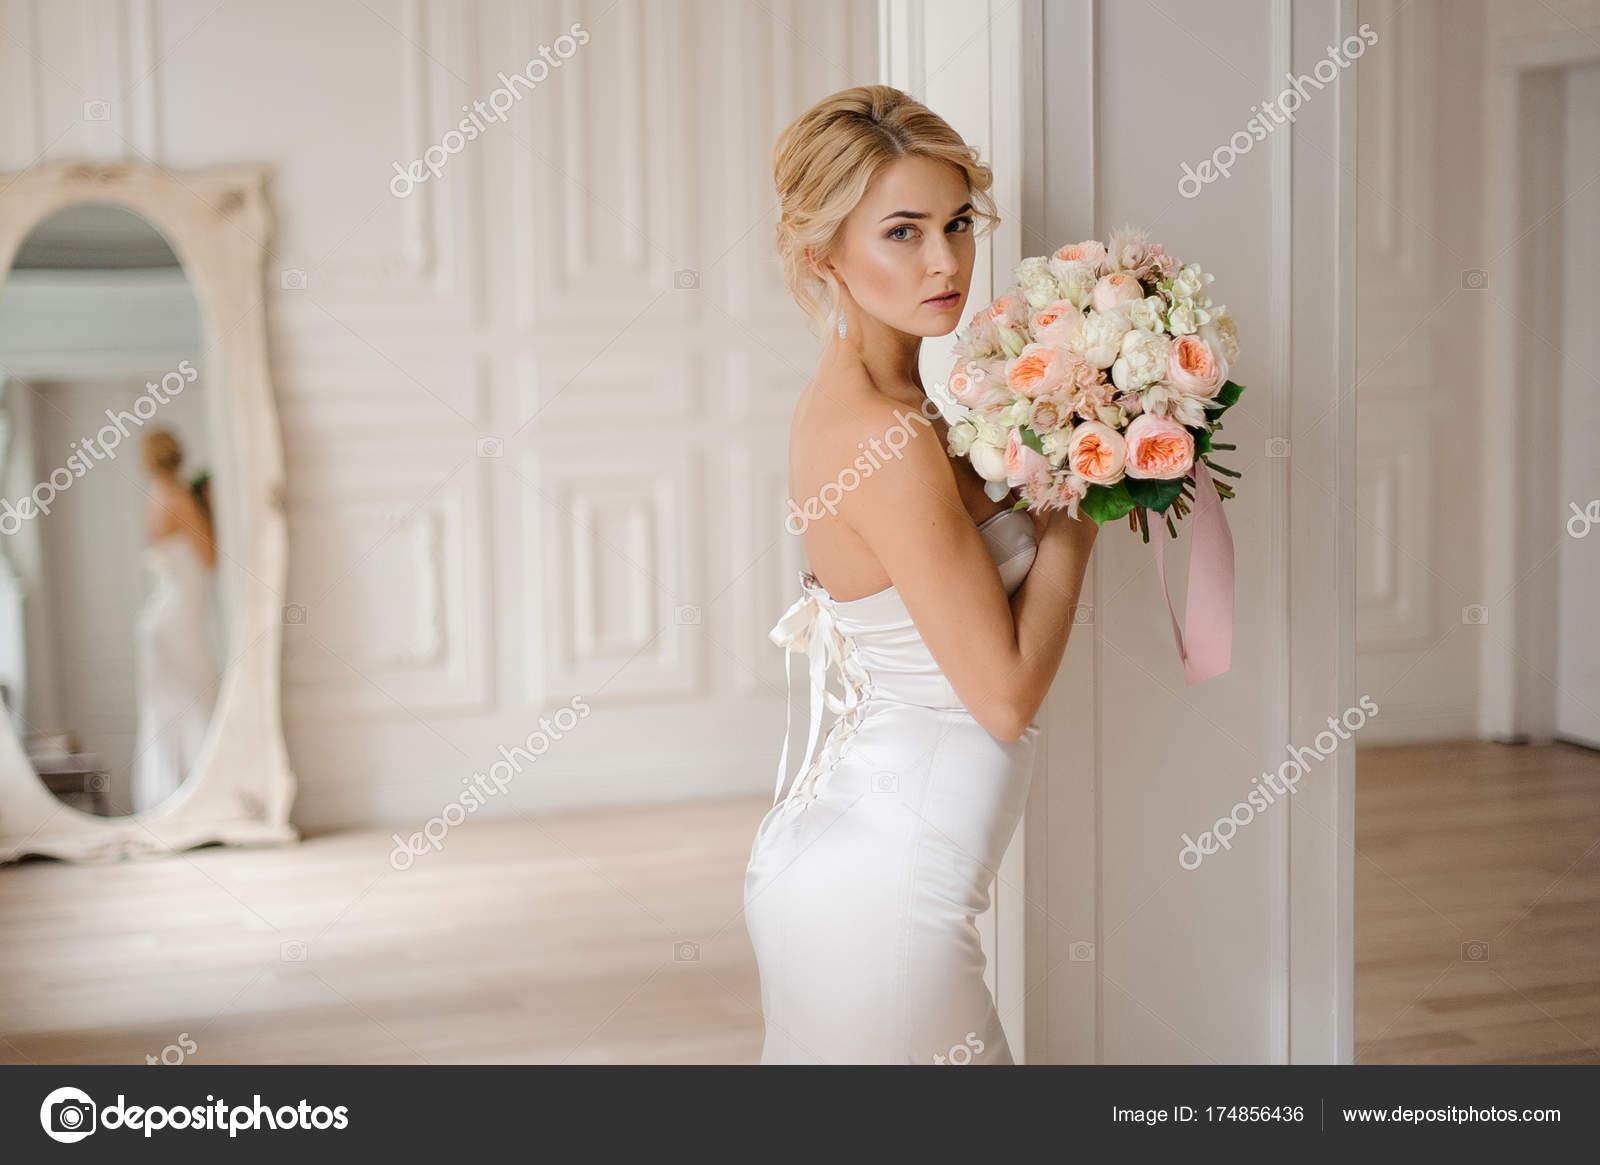 Witte Jurk Op Een Bruiloft.Mooie Blonde Bruid In De Elegante Witte Jurk Houdt Een Bruiloft